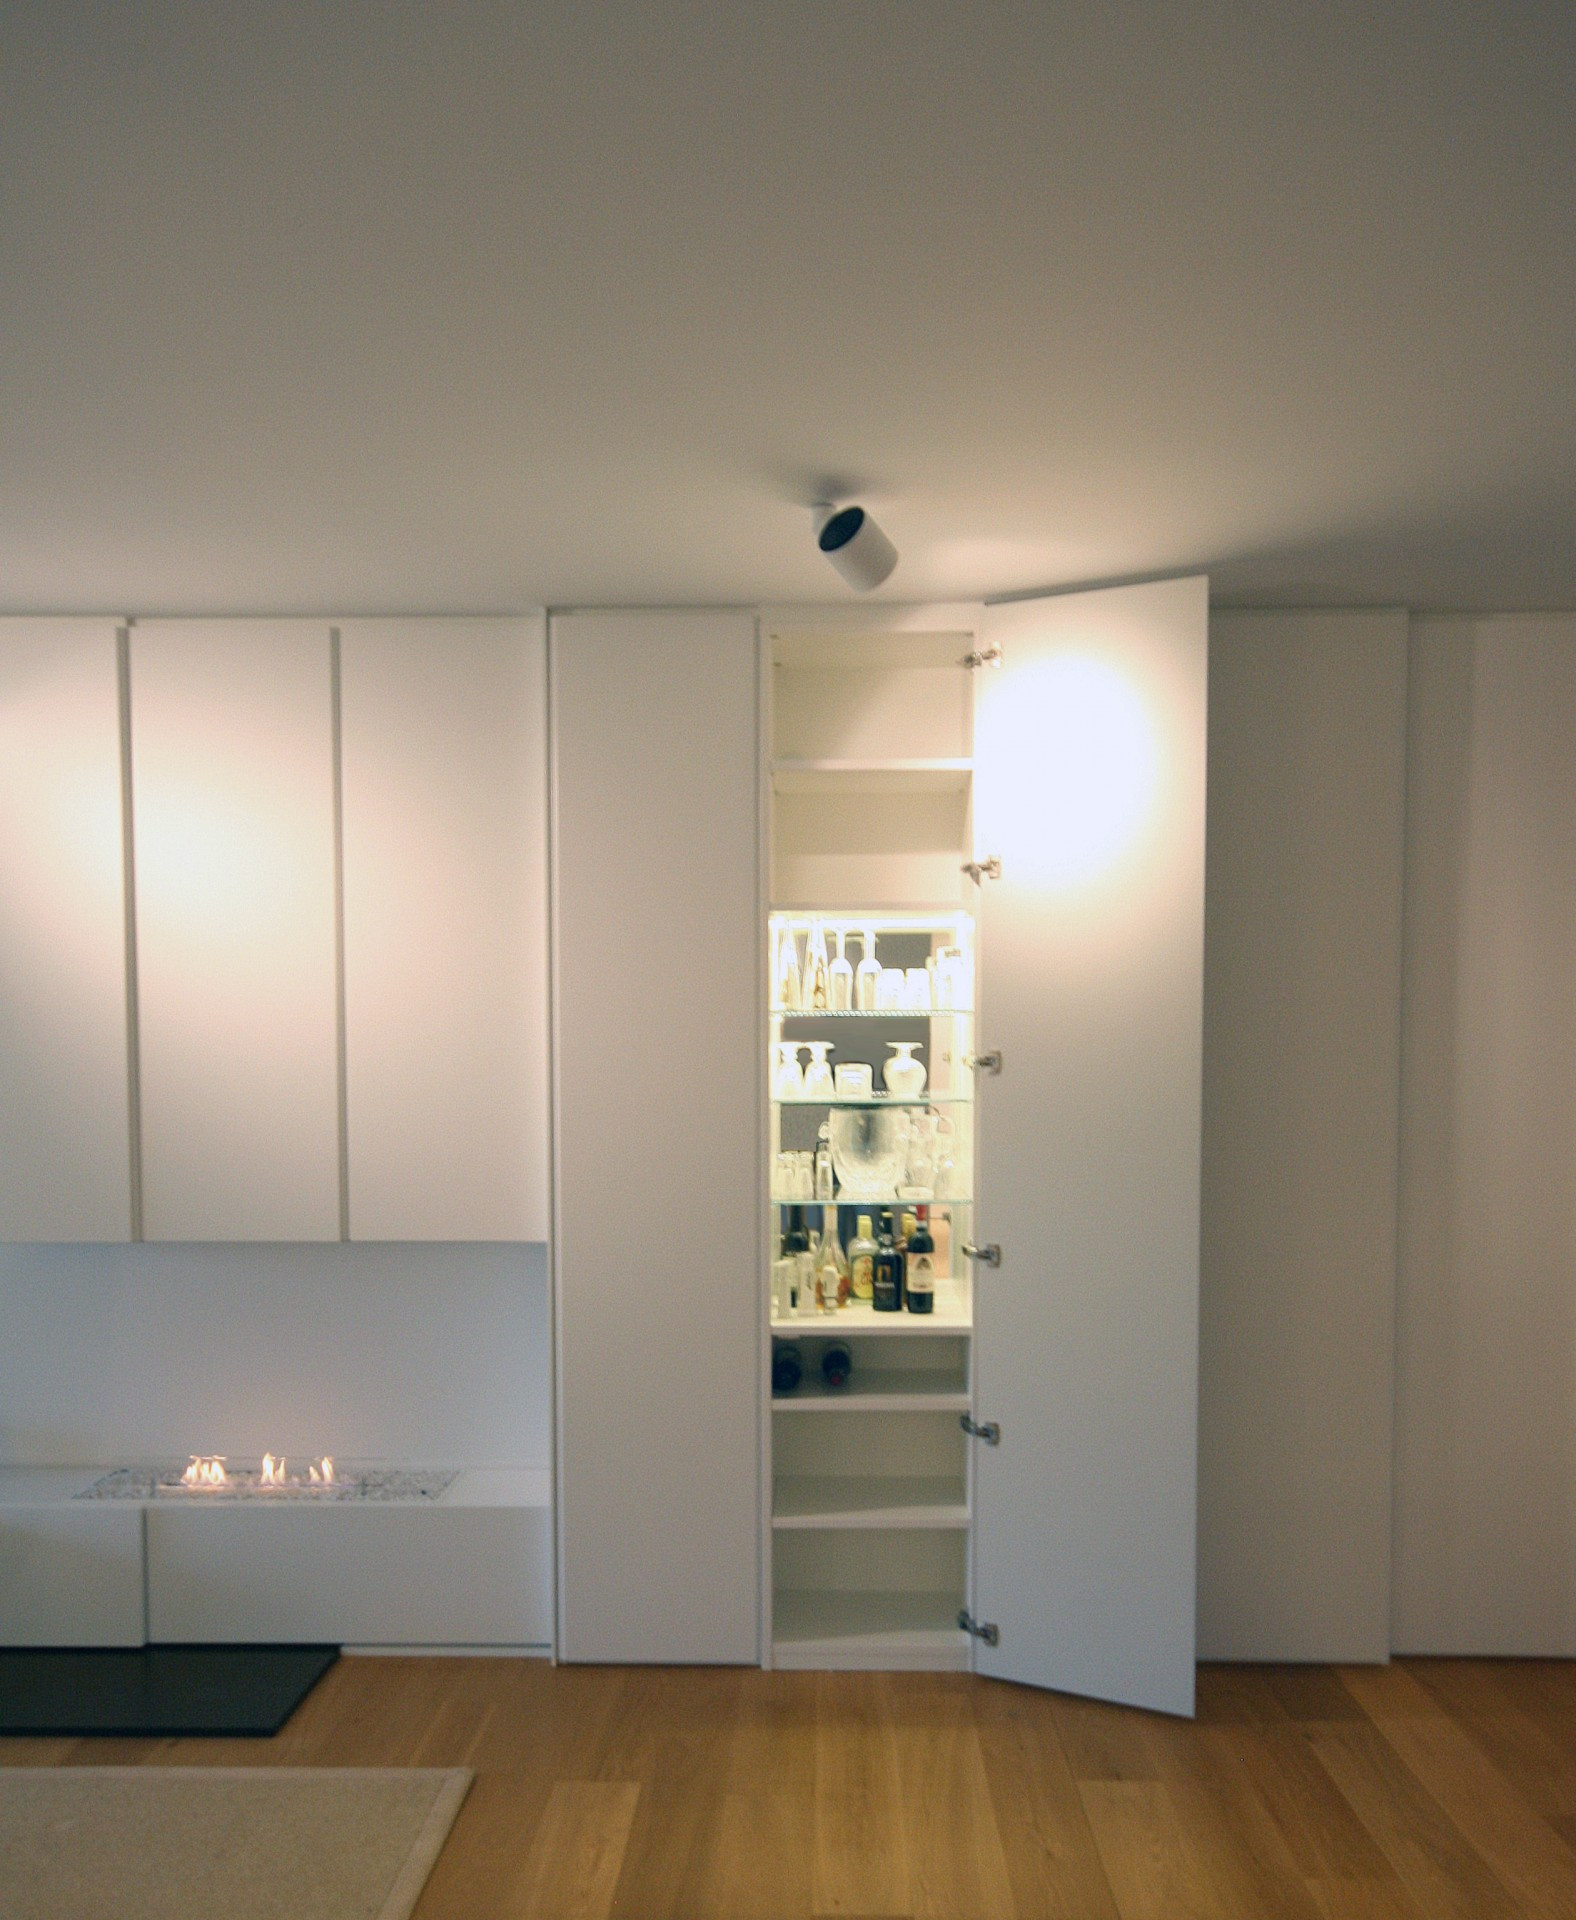 Kastenwand Keuken Inbouwen : In een lange kastenwand zit onder andere deze barkast verstopt